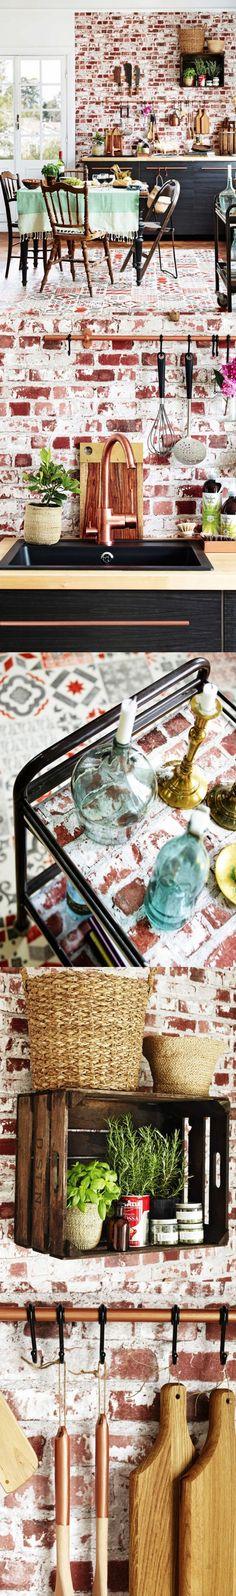 Una cocina estilo Vintage con toques industriales / http://www.facilisimo.com/blog-bohemianandchic